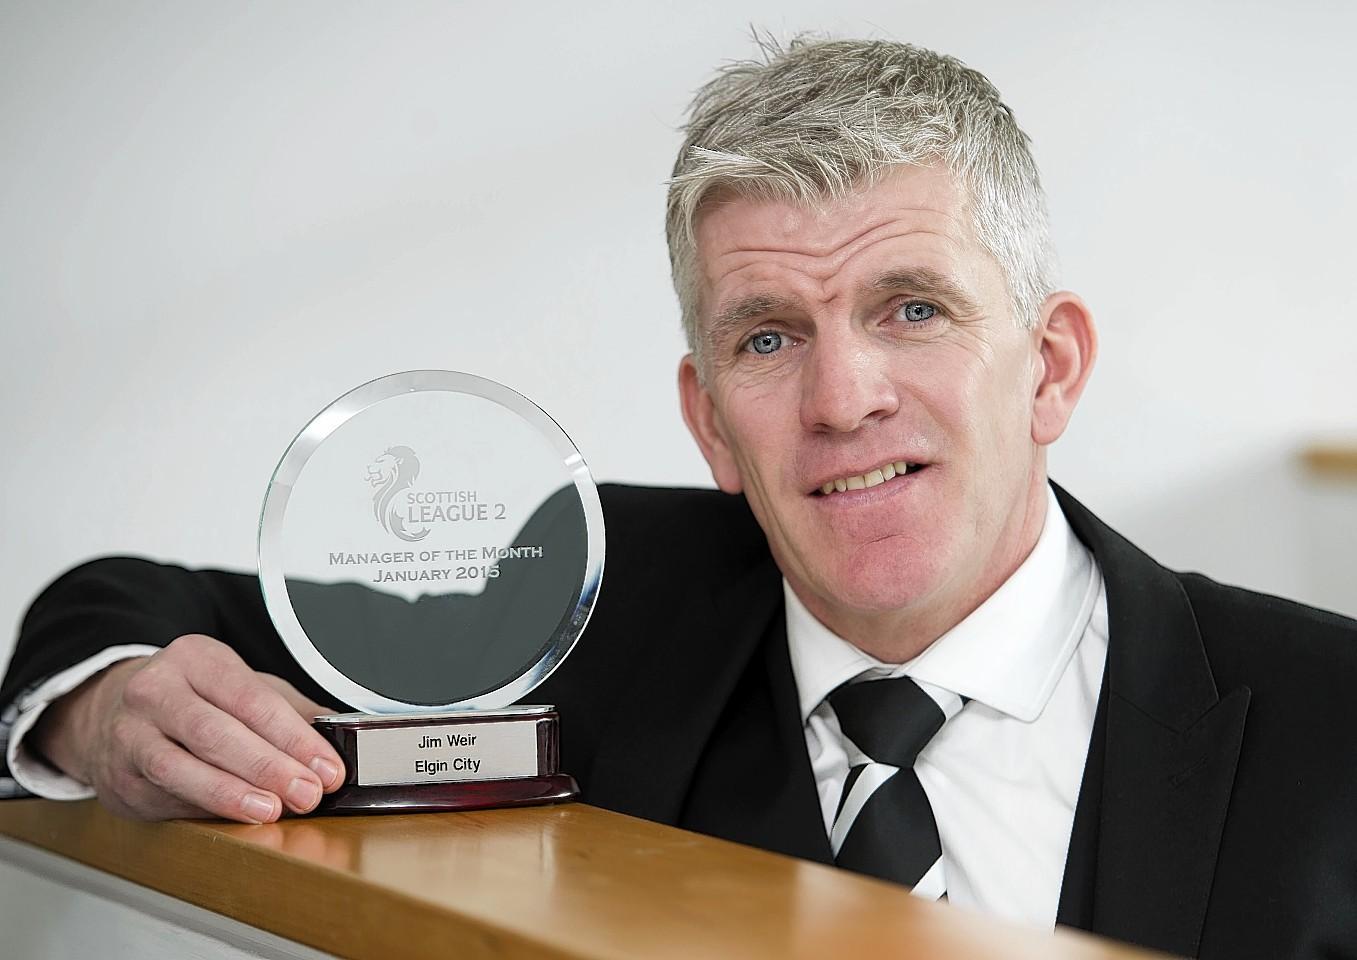 Jim Weir proudly displays his award